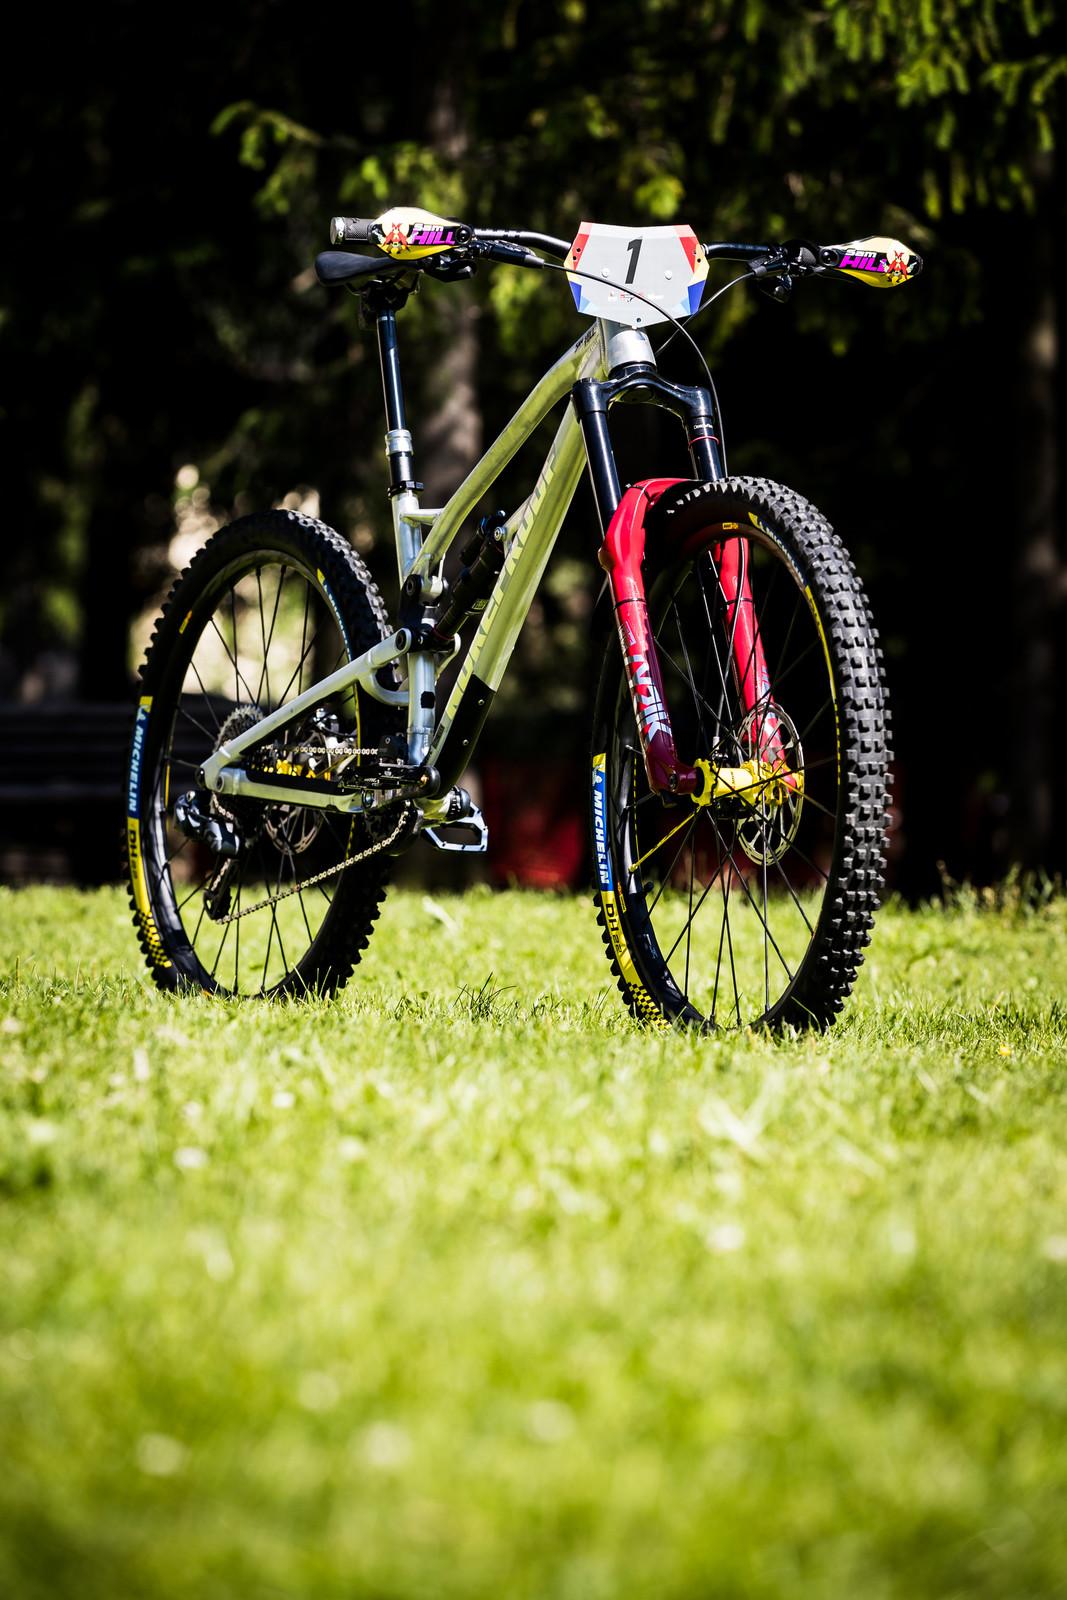 Sam Hill's Updated Prototype Nukeproof Mega 29 with SRAM AXS - Sam Hill's Updated Prototype Nukeproof Mega 29 with SRAM AXS - Mountain Biking Pictures - Vital MTB